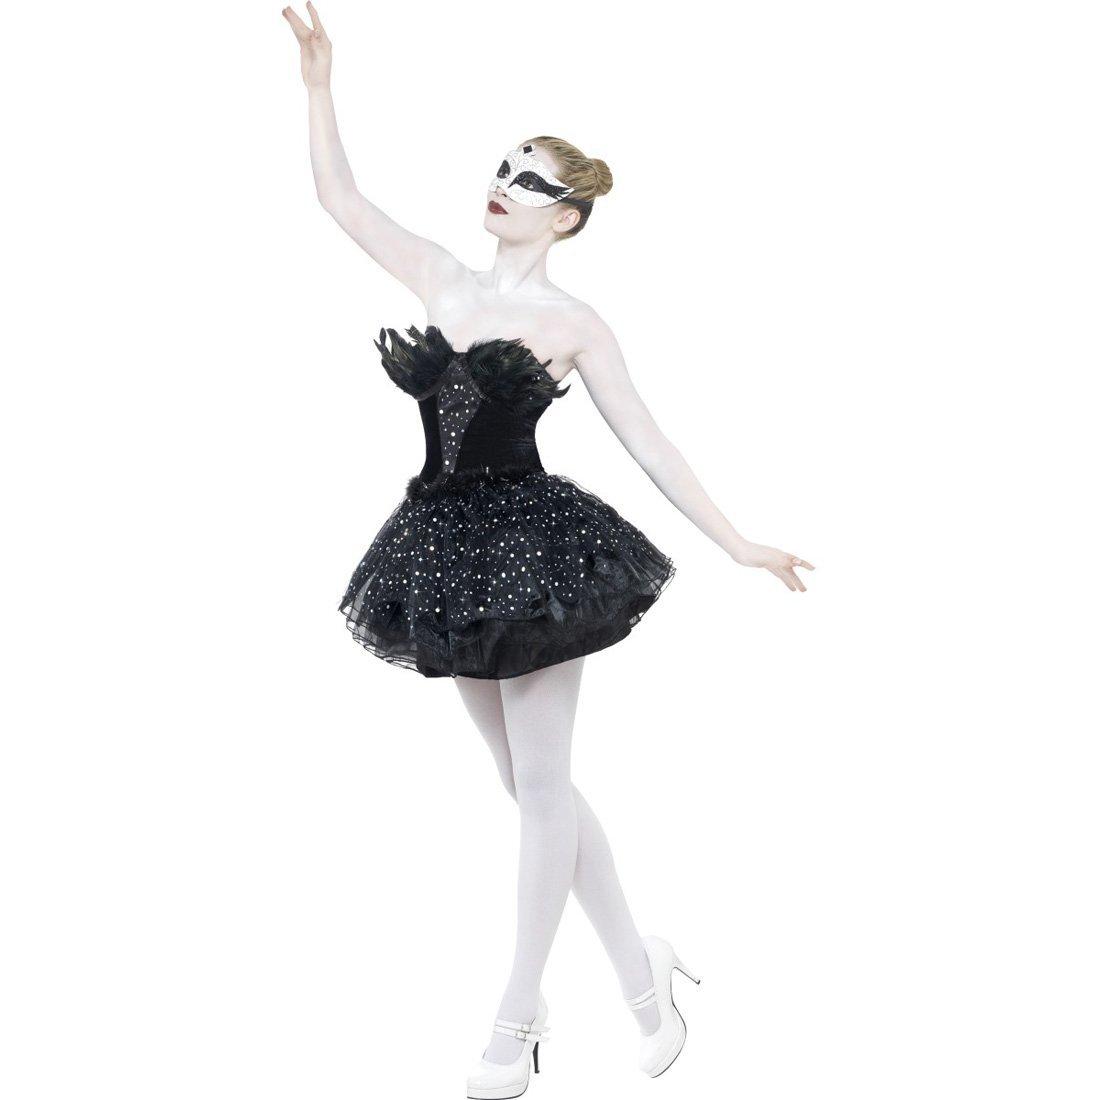 NET TOYS Gothic Kostüm Schwarzer Schwan S 36/38 Damen Kleid Tanzkostüm Ballettkostüm Ballettkleid